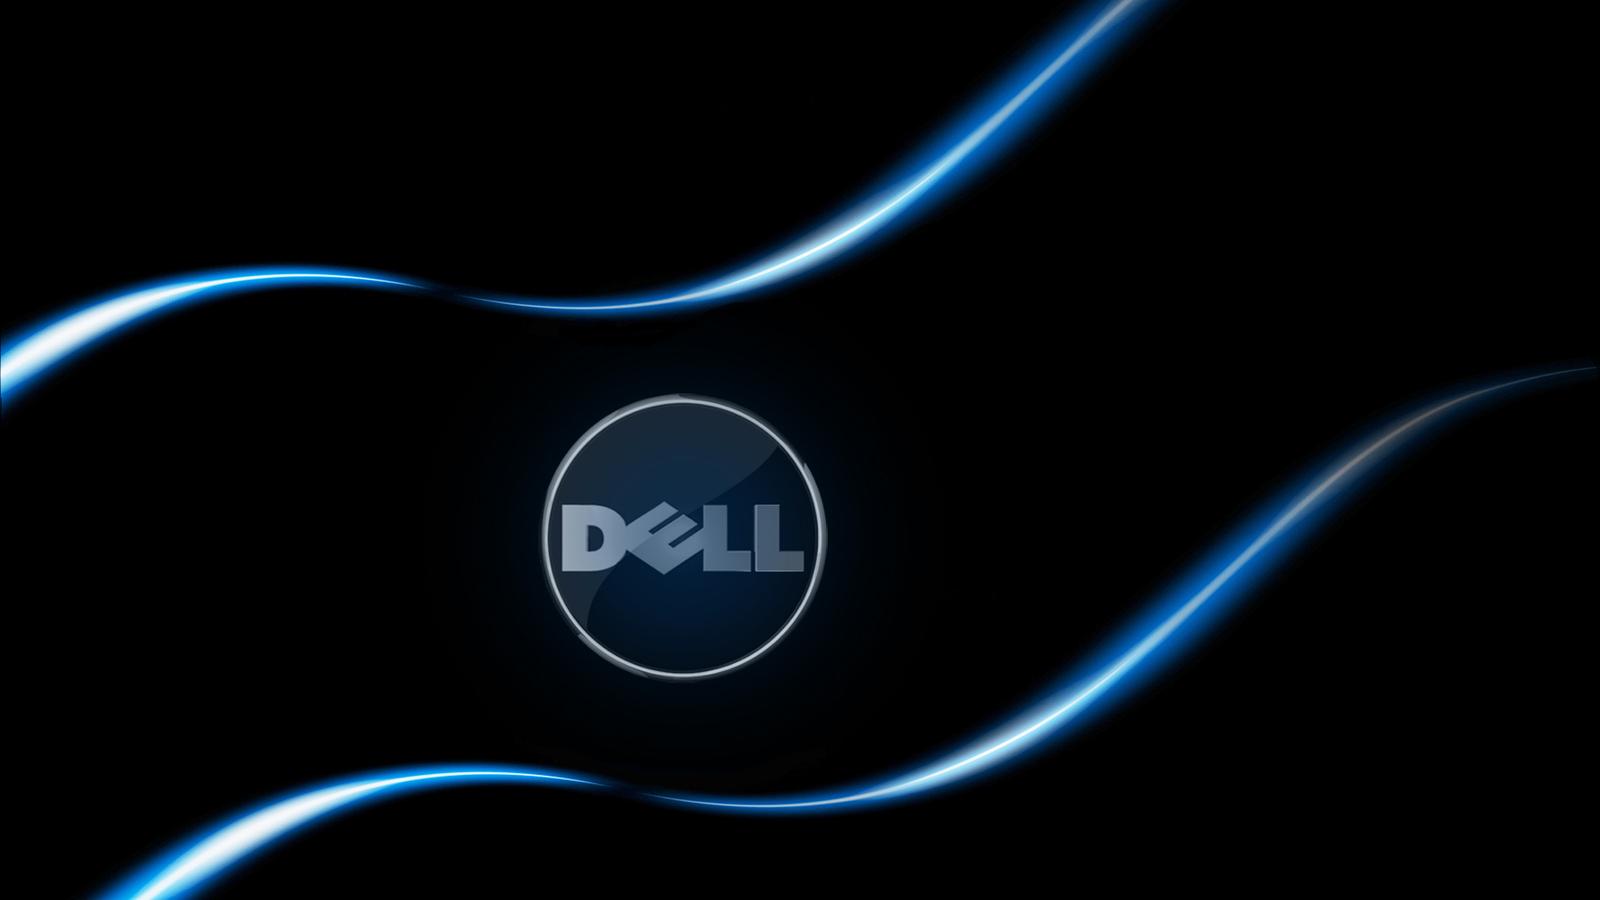 48] Dell HD Wallpaper 1920x1080 on WallpaperSafari 1600x900